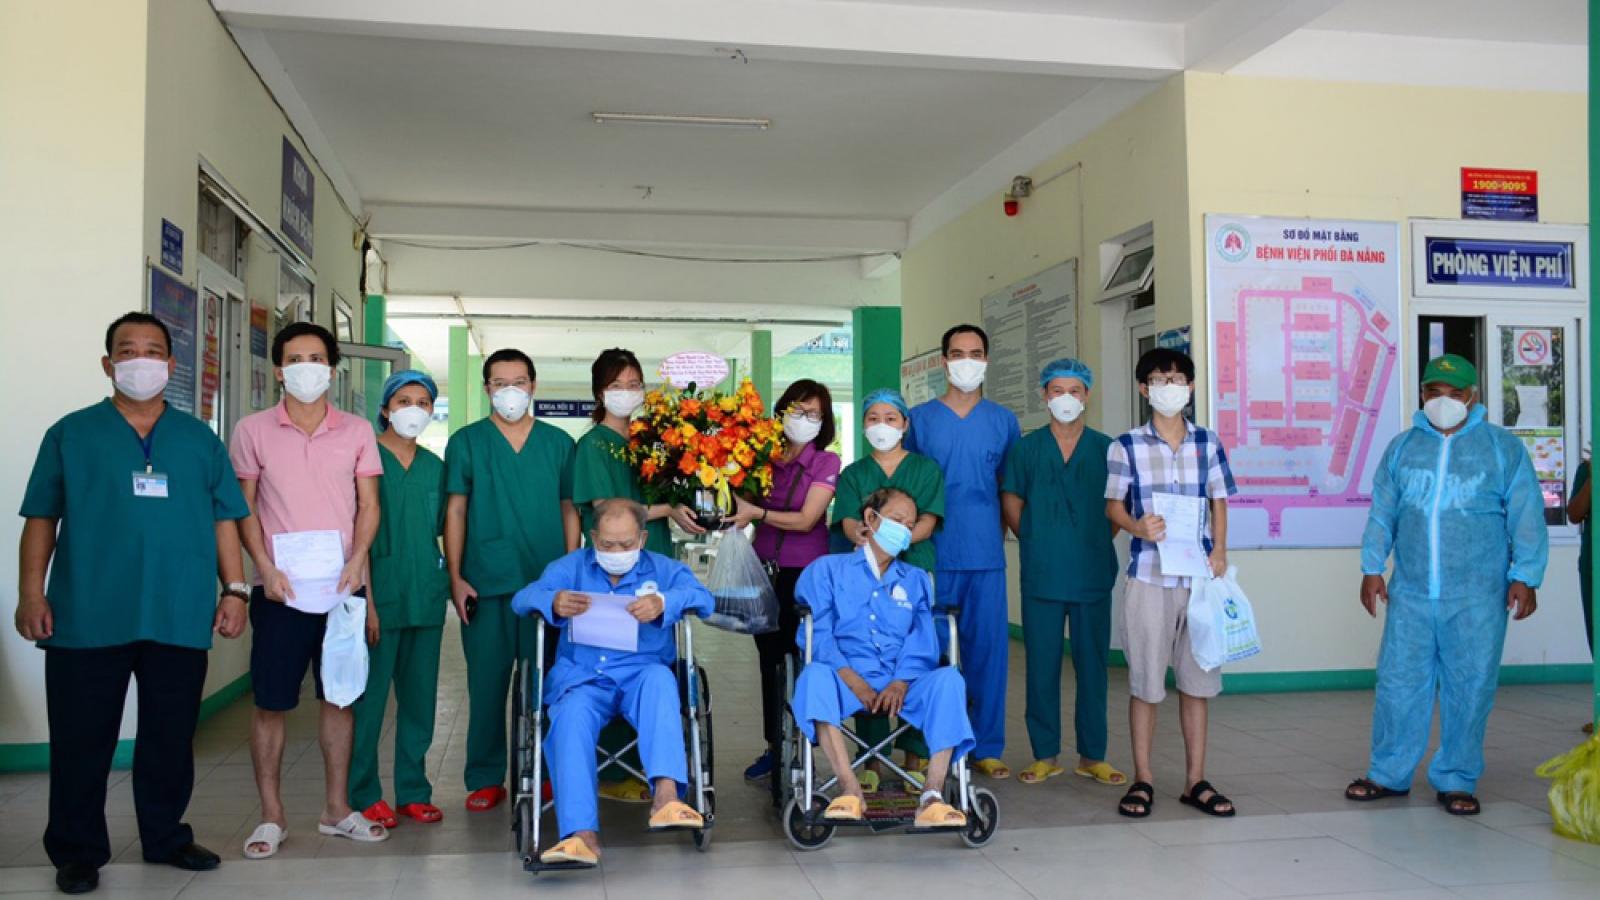 Thêm 2 bệnh nhân Covid-19 tiên lượng nặng ở Đà Nẵng khỏi bệnh và ra viện